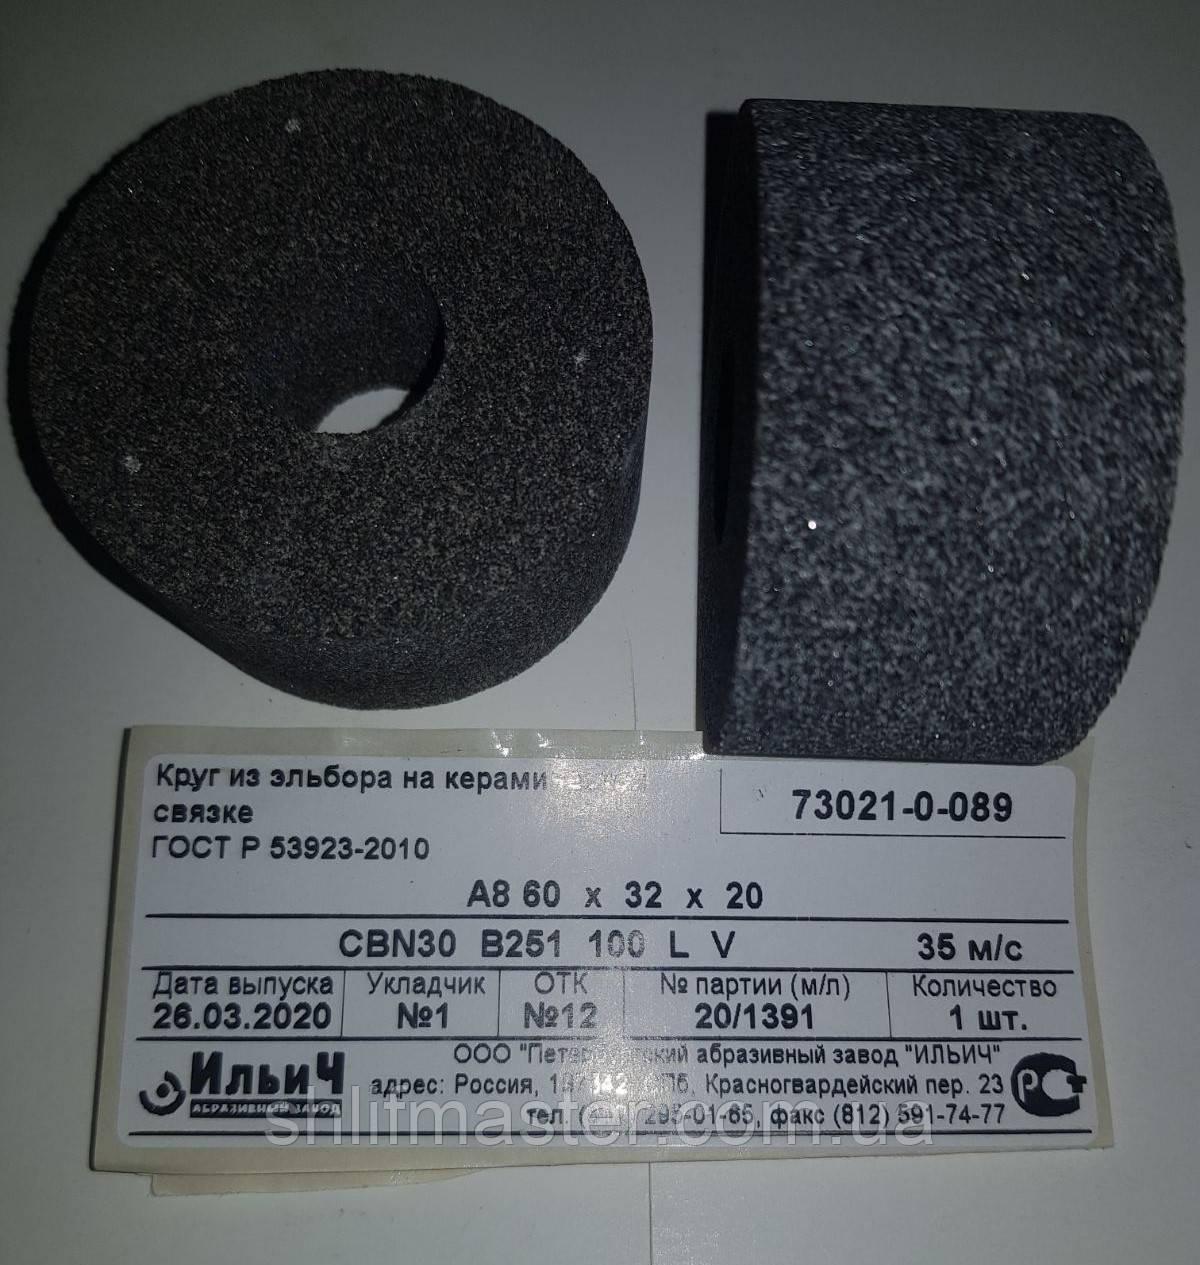 Круг шлифовальный эльборовый на керамической связке А8 60х32х20 CBN30 B251 100 4 V 35 m/c